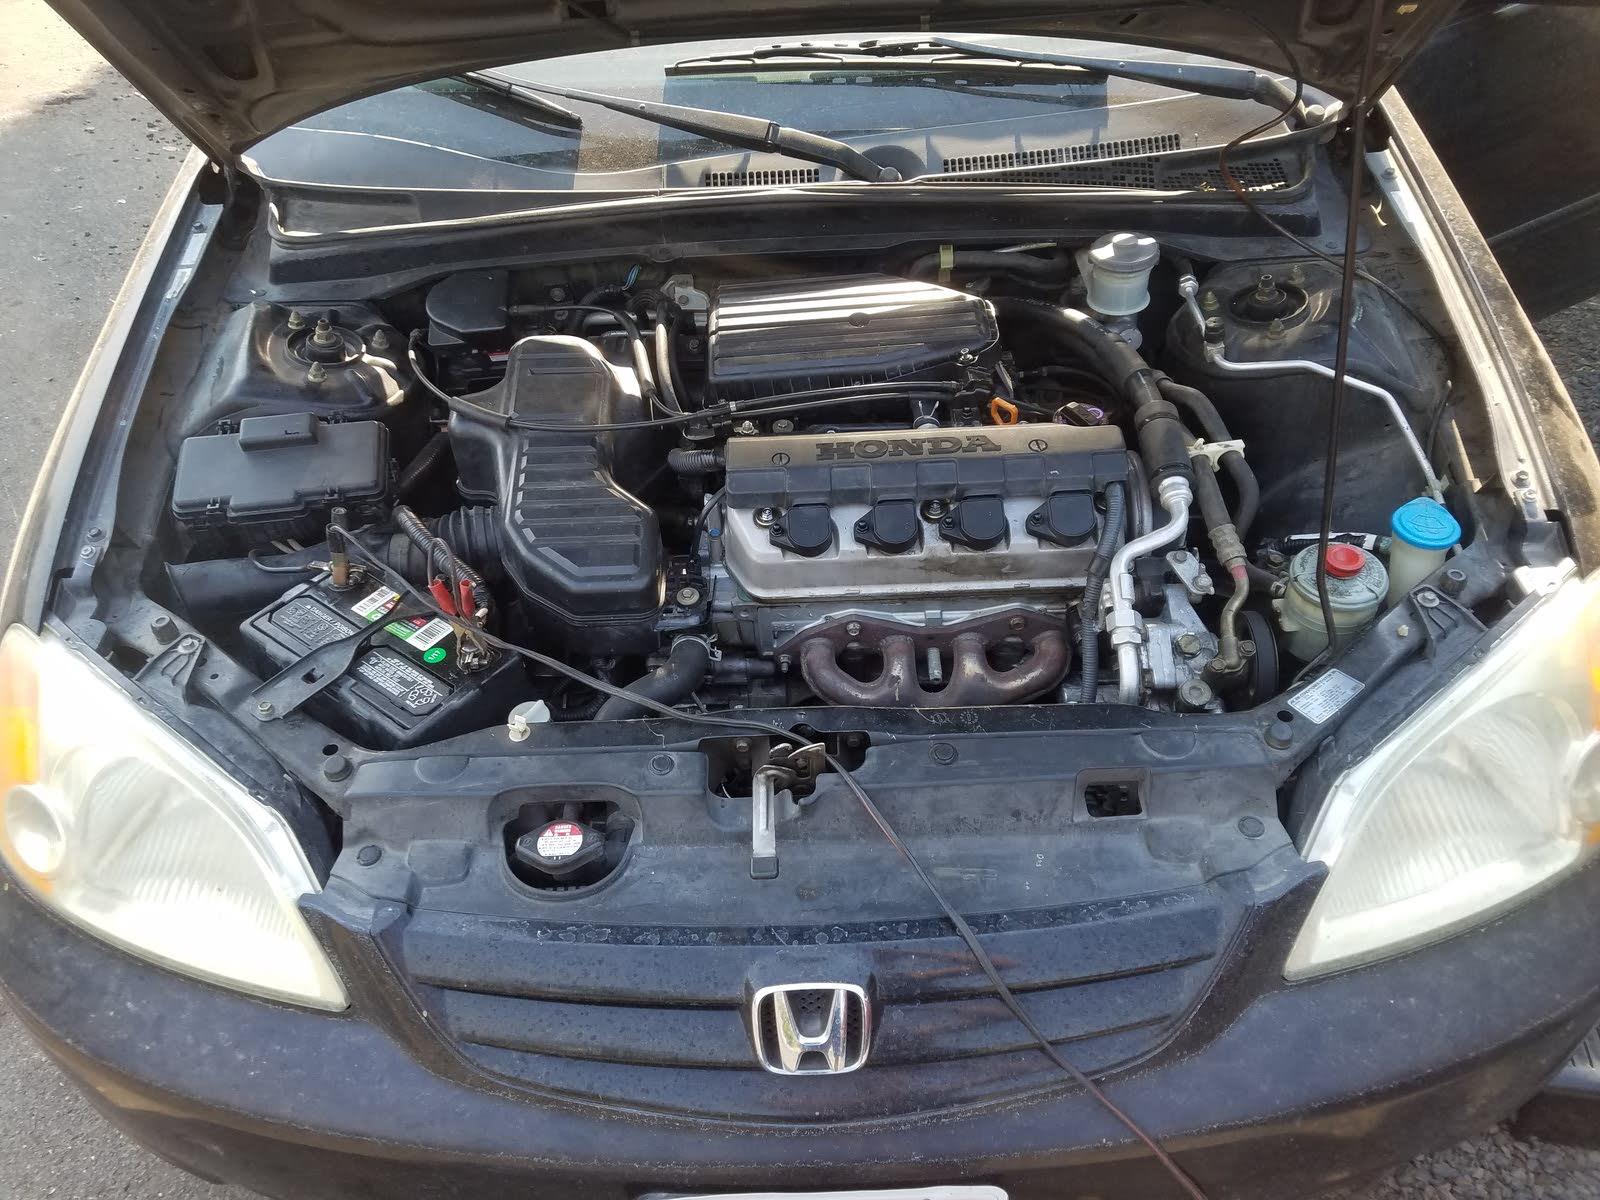 Honda Civic Questions - I got a 2002 Honda Civic 4 door non ... on